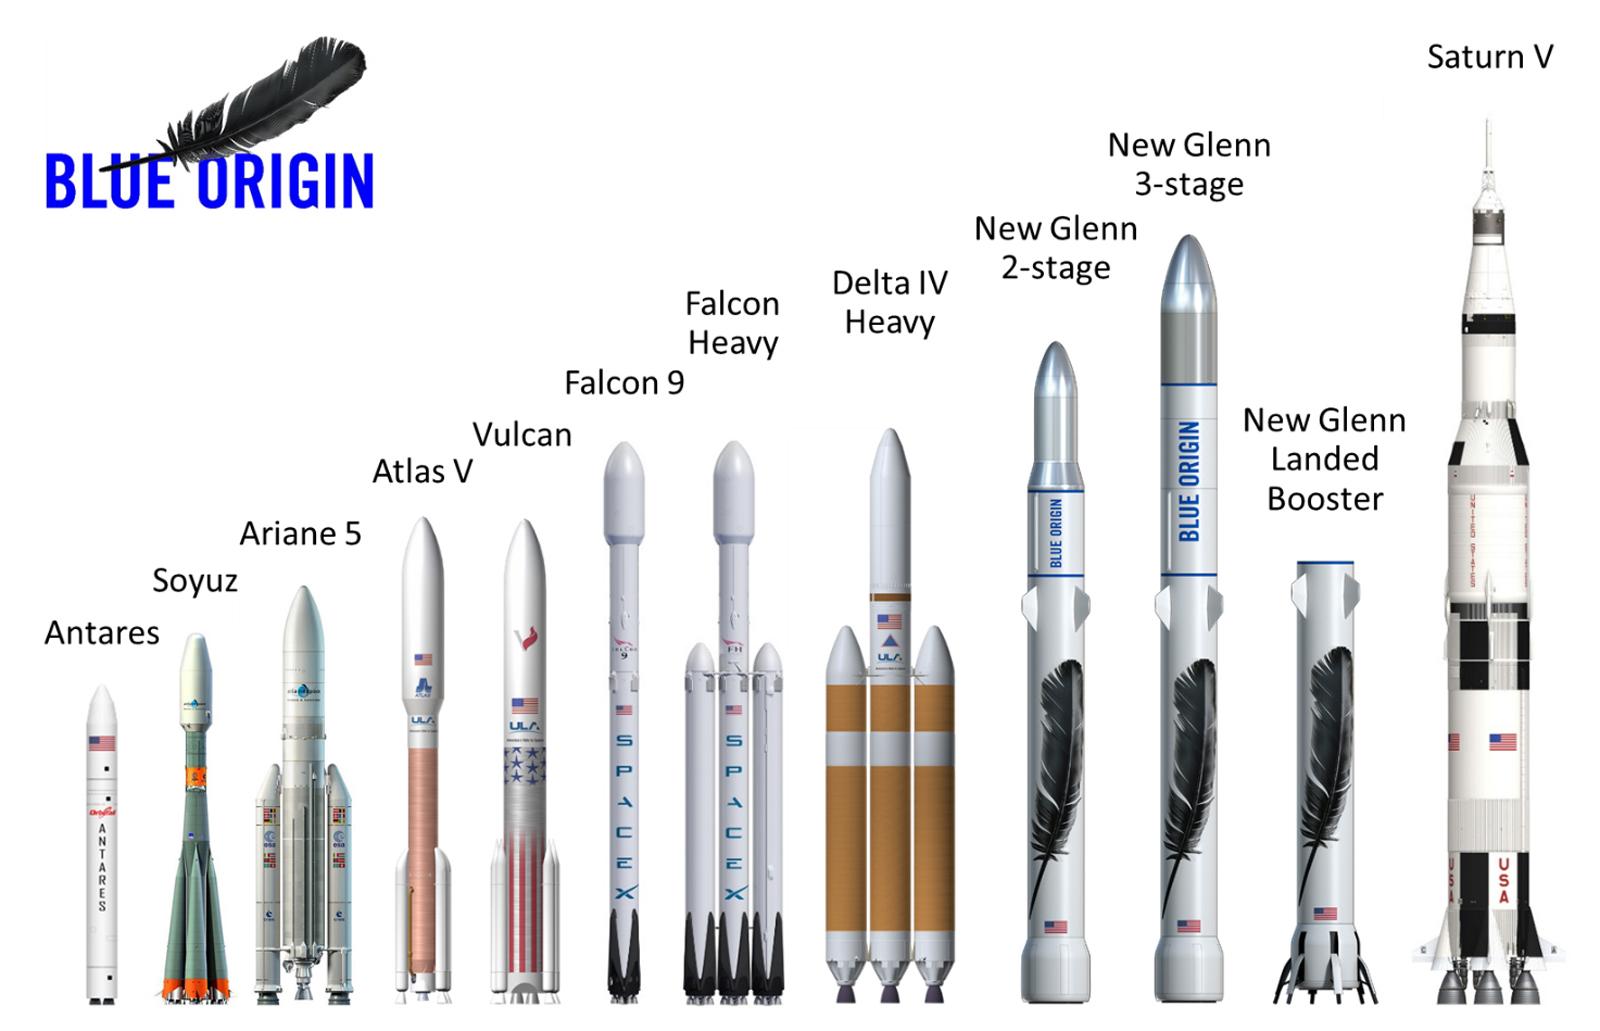 El nuevo cohete de Jeff Bezos le saca los colores a SpaceX